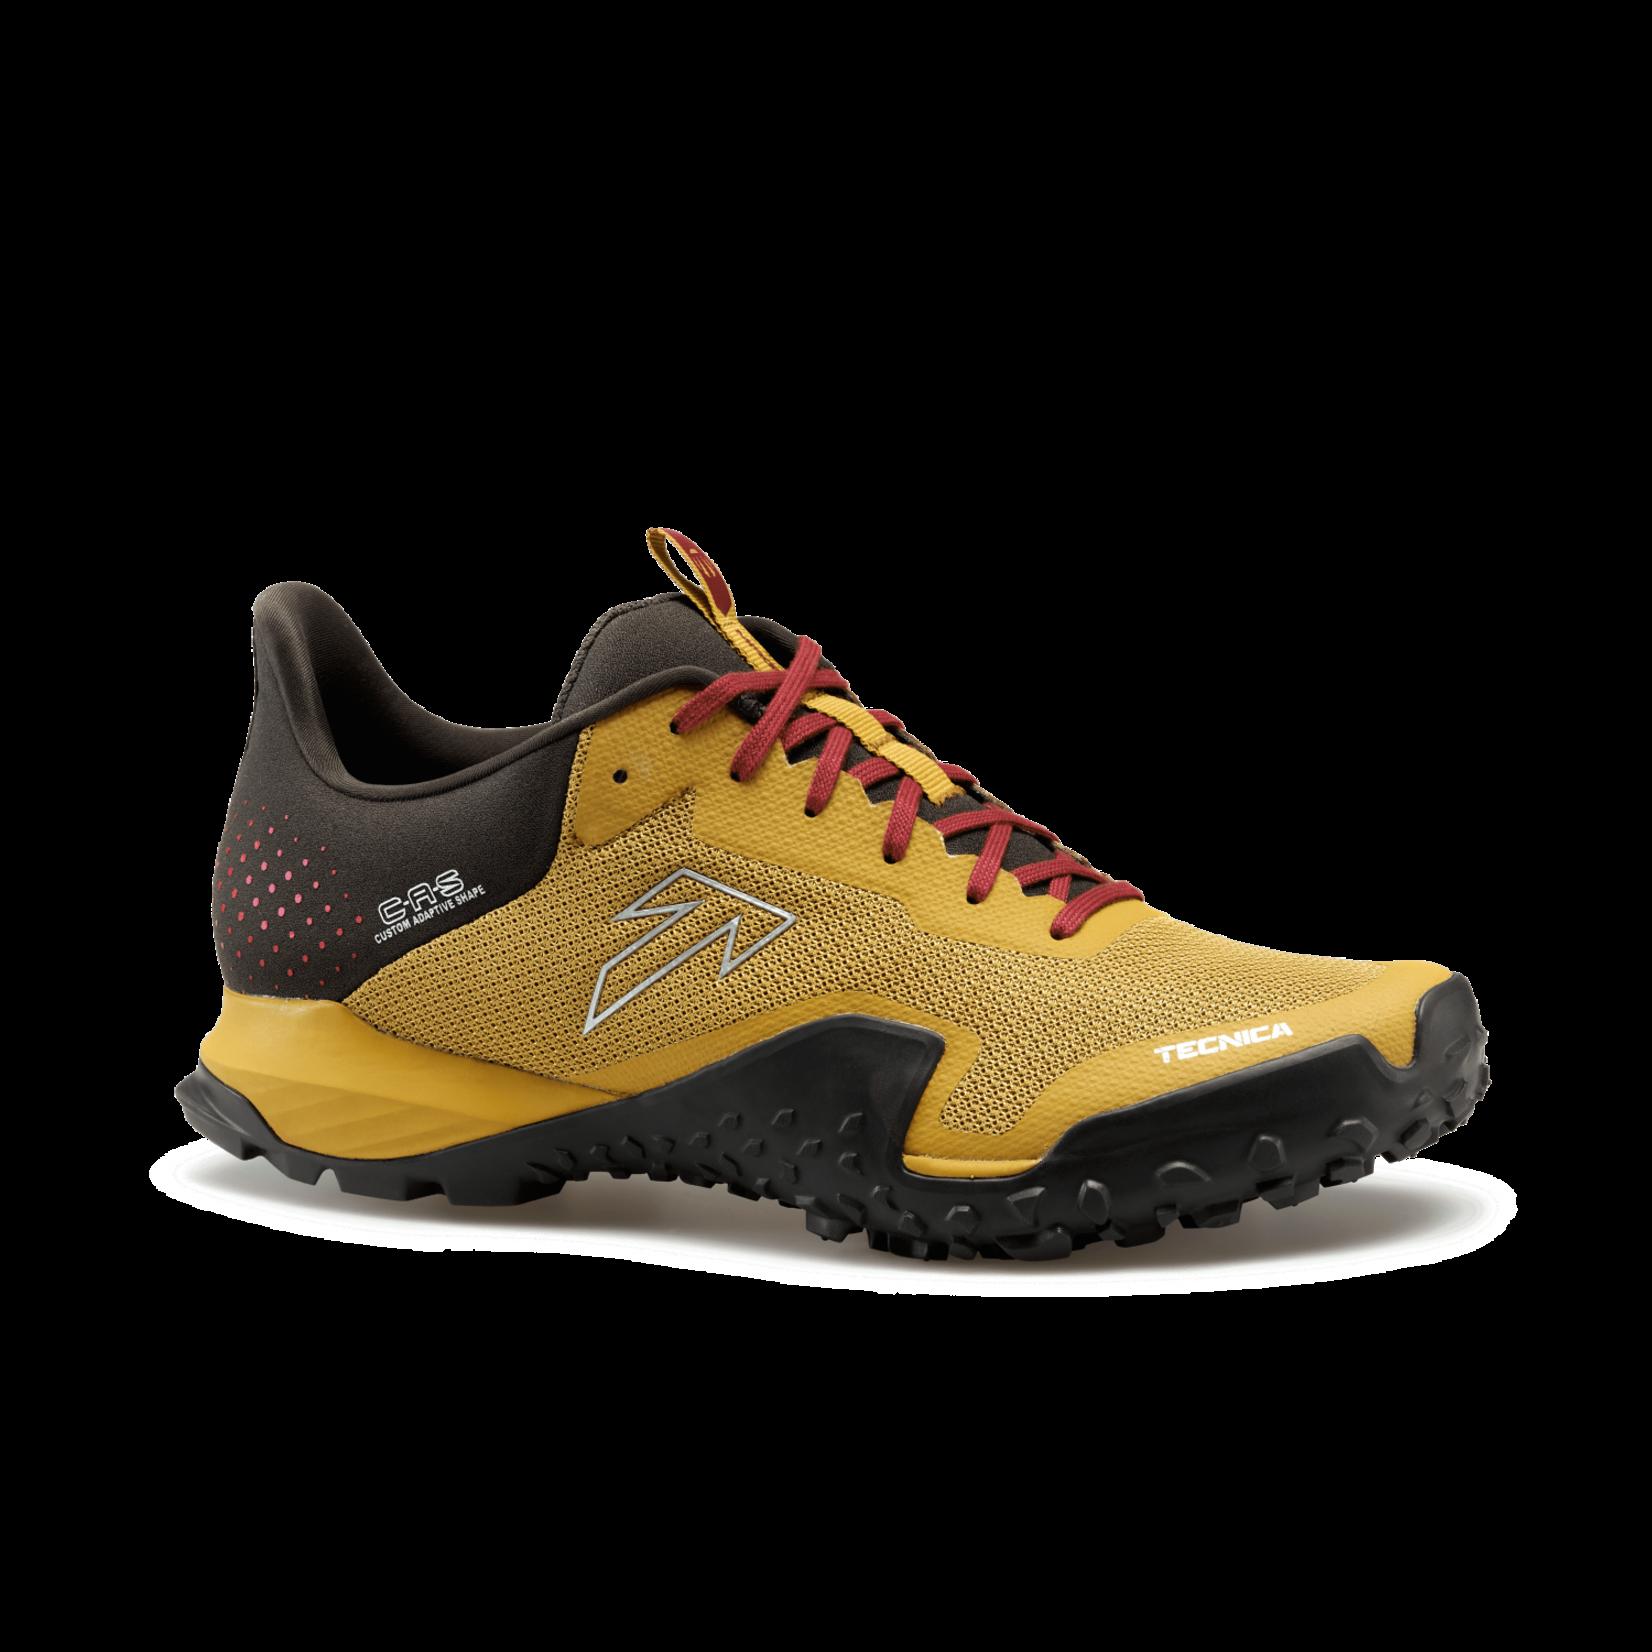 Tecnica Tecnica Magma S Trail Shoe - Men